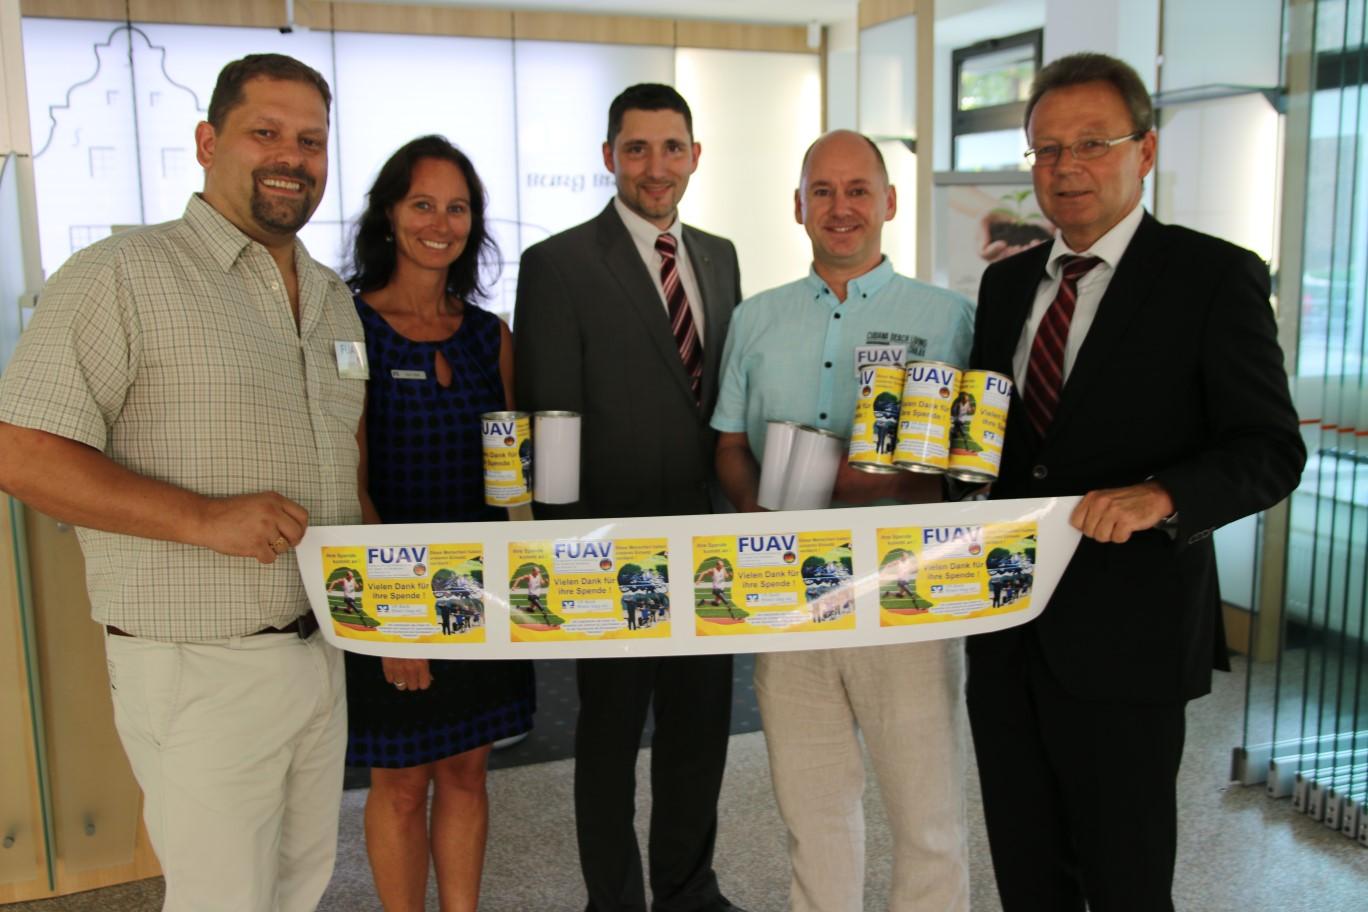 FUAV Spendenaktion – Die VR-Bank Rhein-Sieg stellt 30 Spendendosen zur Verfügung –